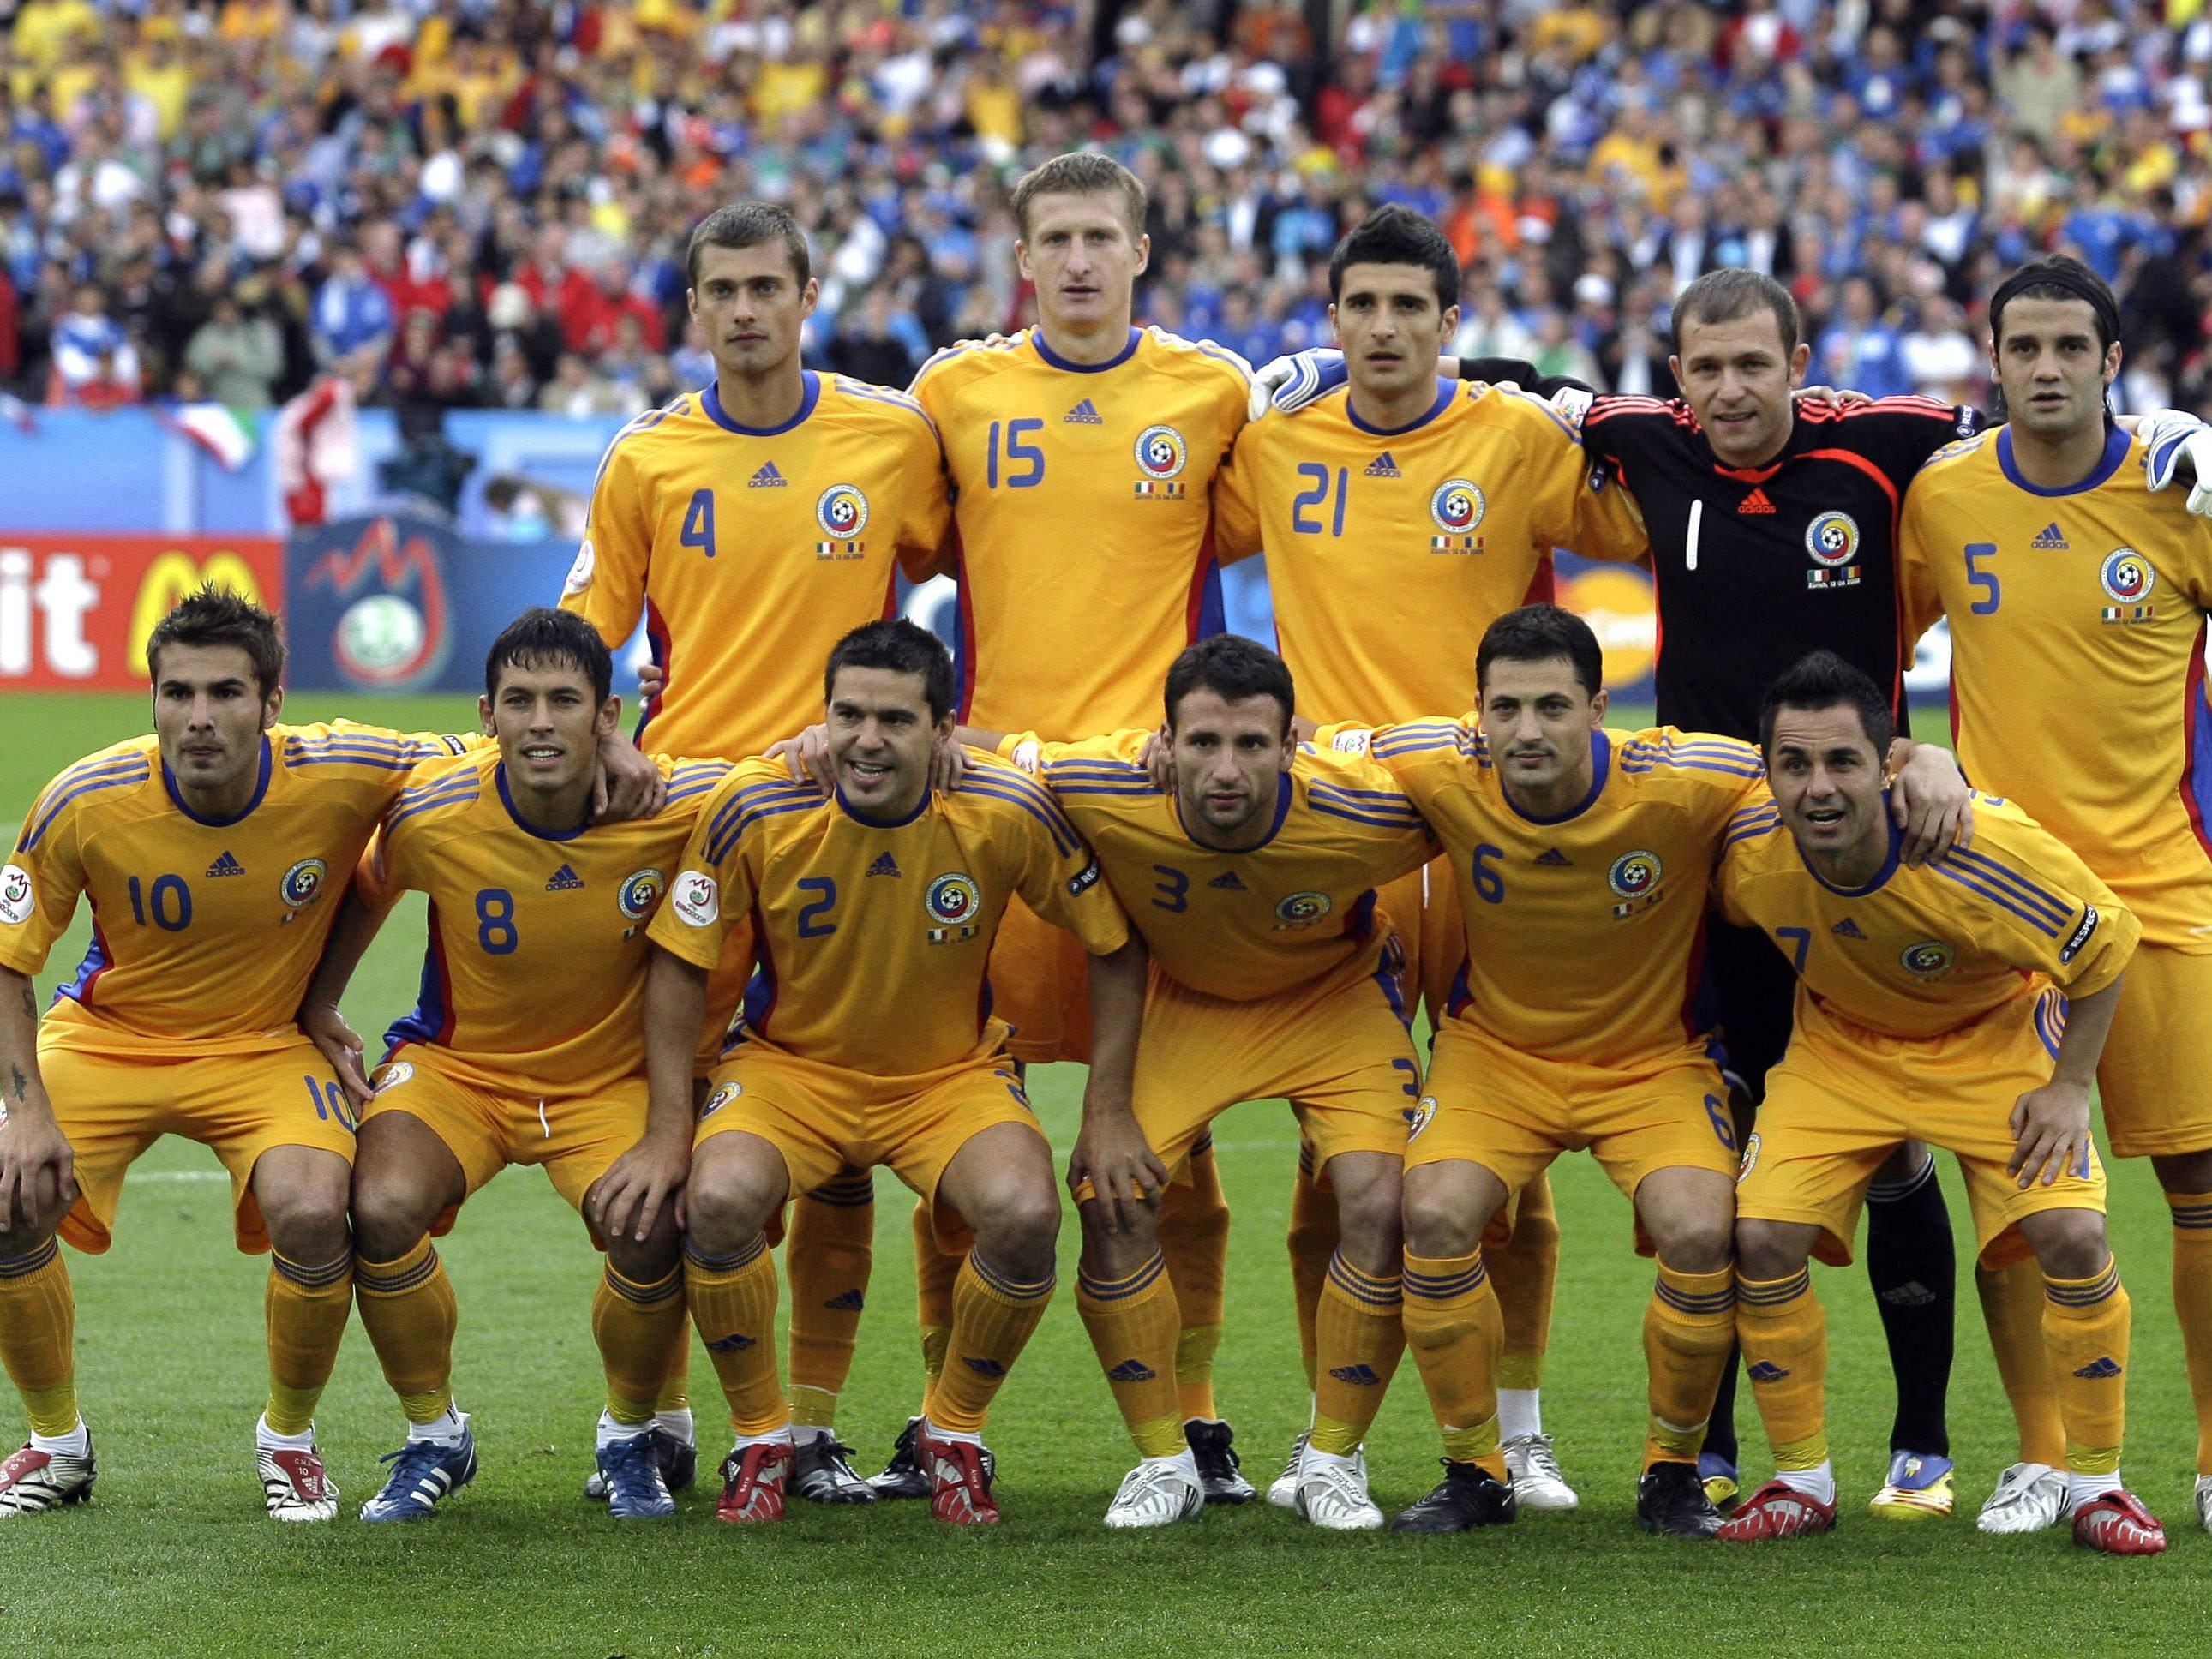 Echipa Romaniei la Euro 2008